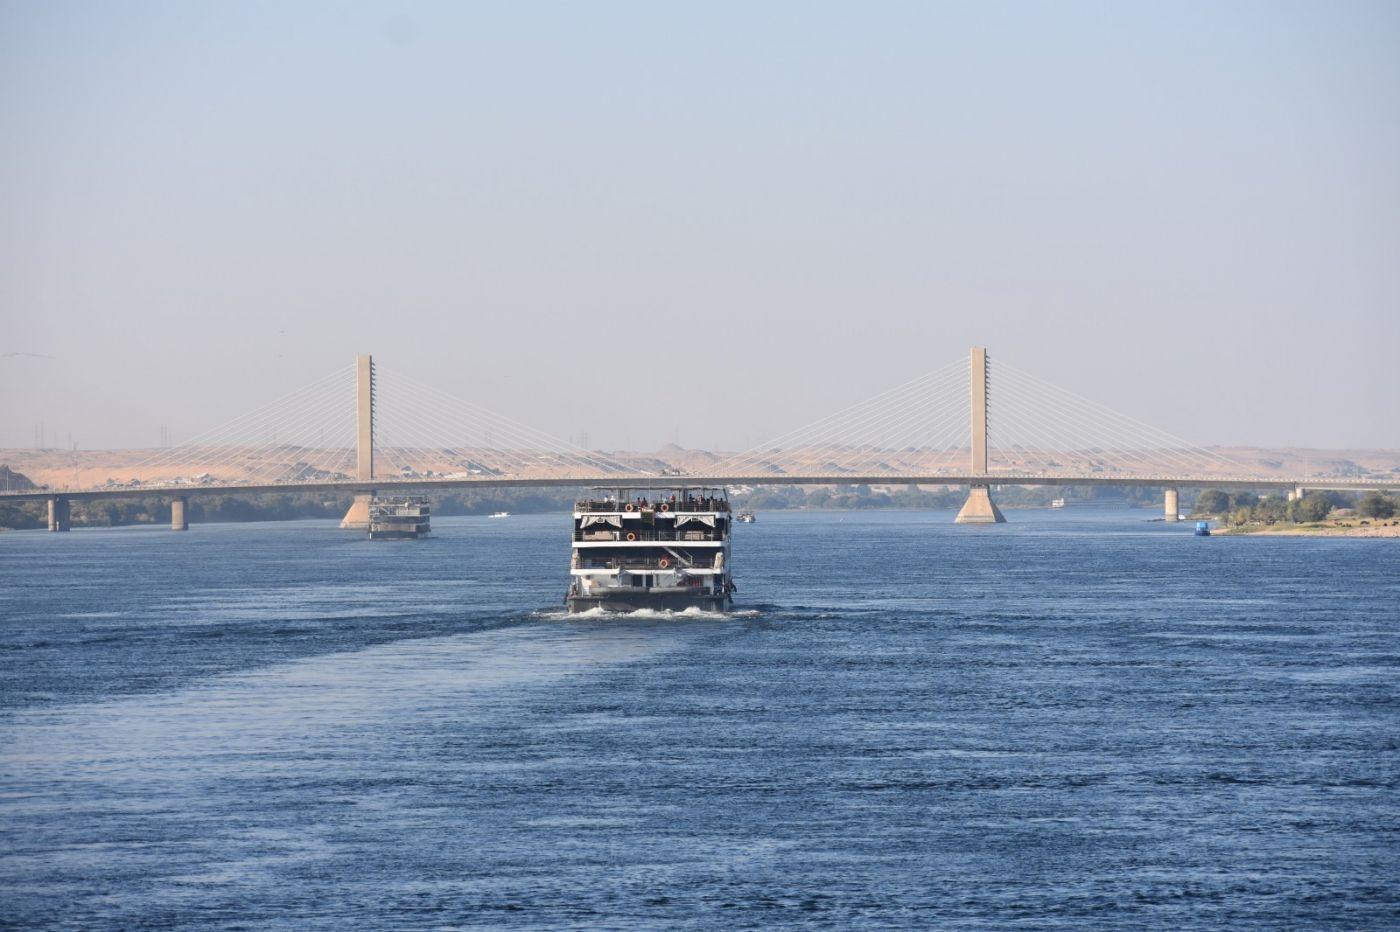 埃及尼罗河风光_图1-5